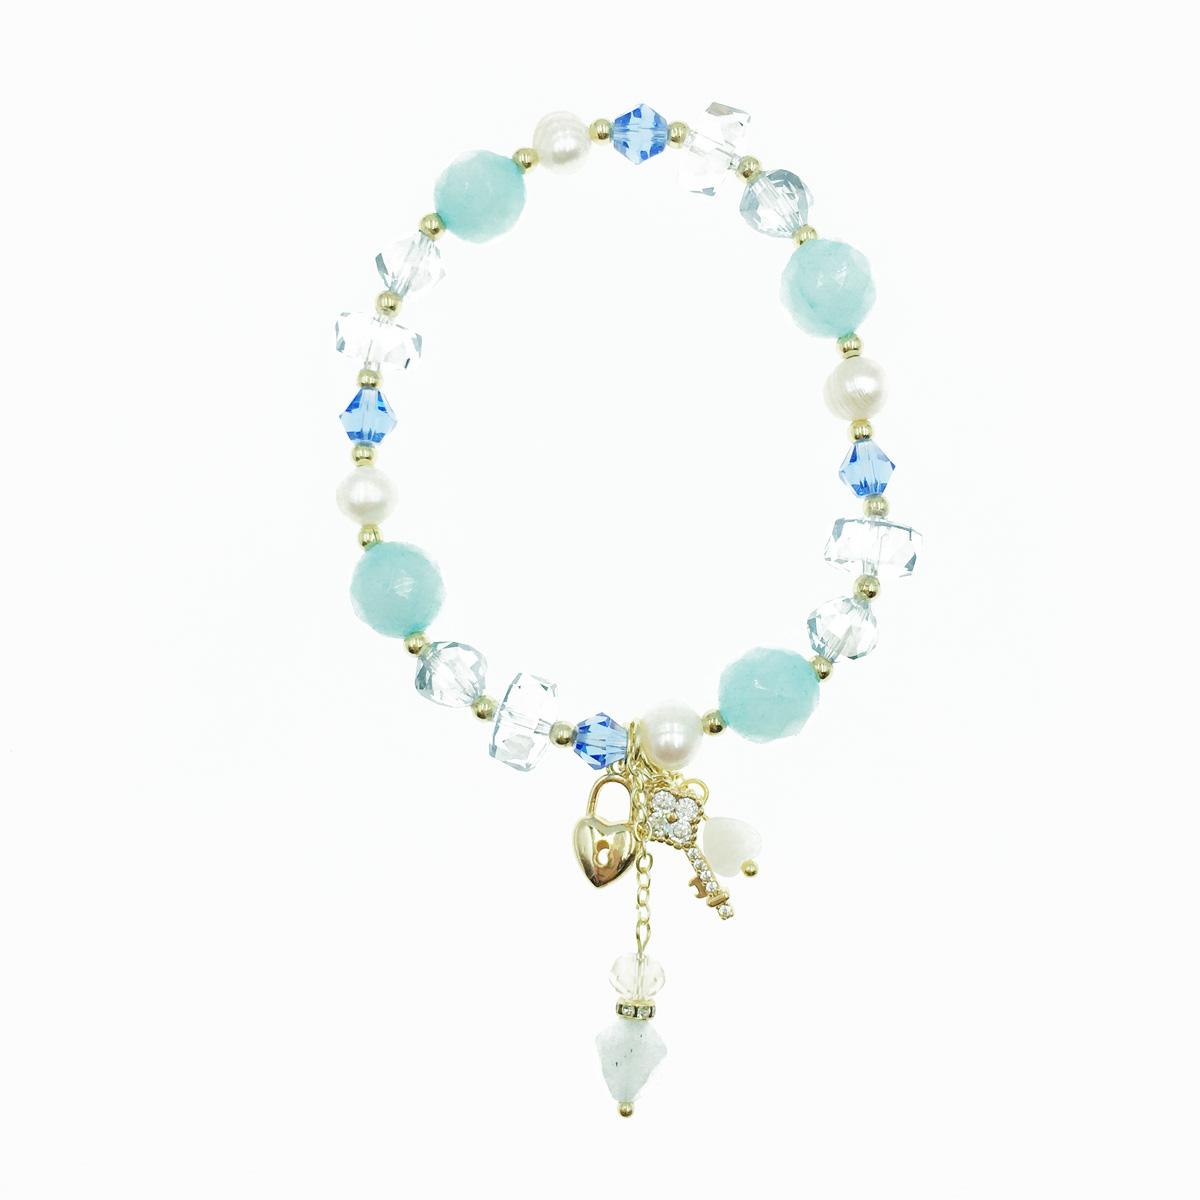 韓國 水鑽鑰匙 鎖 串珠 墜飾 手鍊